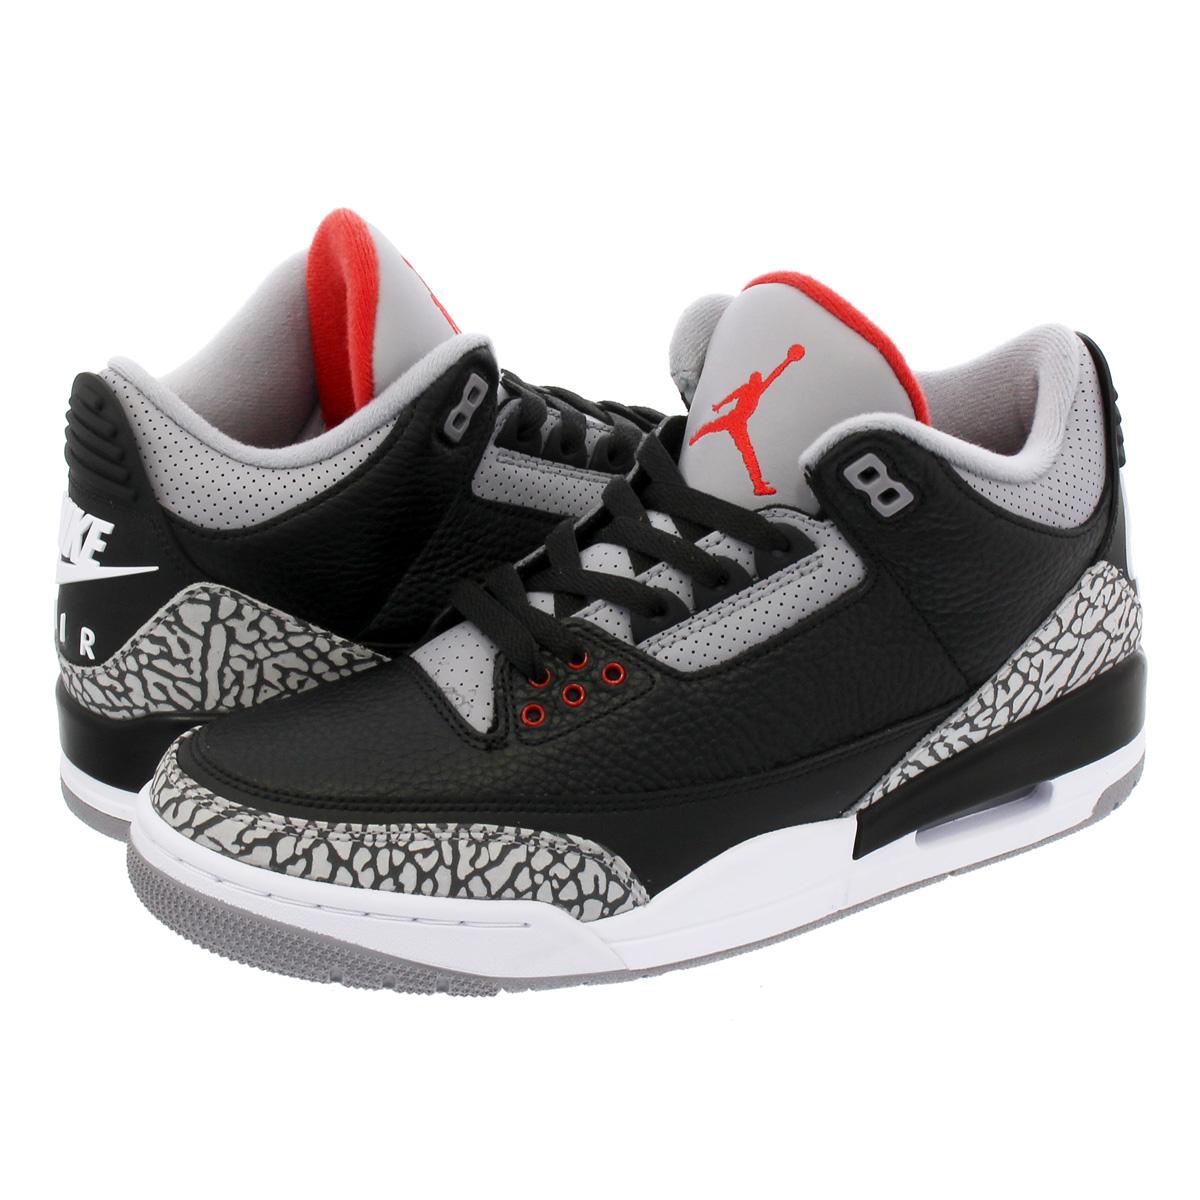 new product 24f54 57e8e NIKE AIR JORDAN 3 RETRO OG Nike Air Jordan 3 nostalgic OG BLACK/FIRE  RED/CEMENT GREY/WHITE